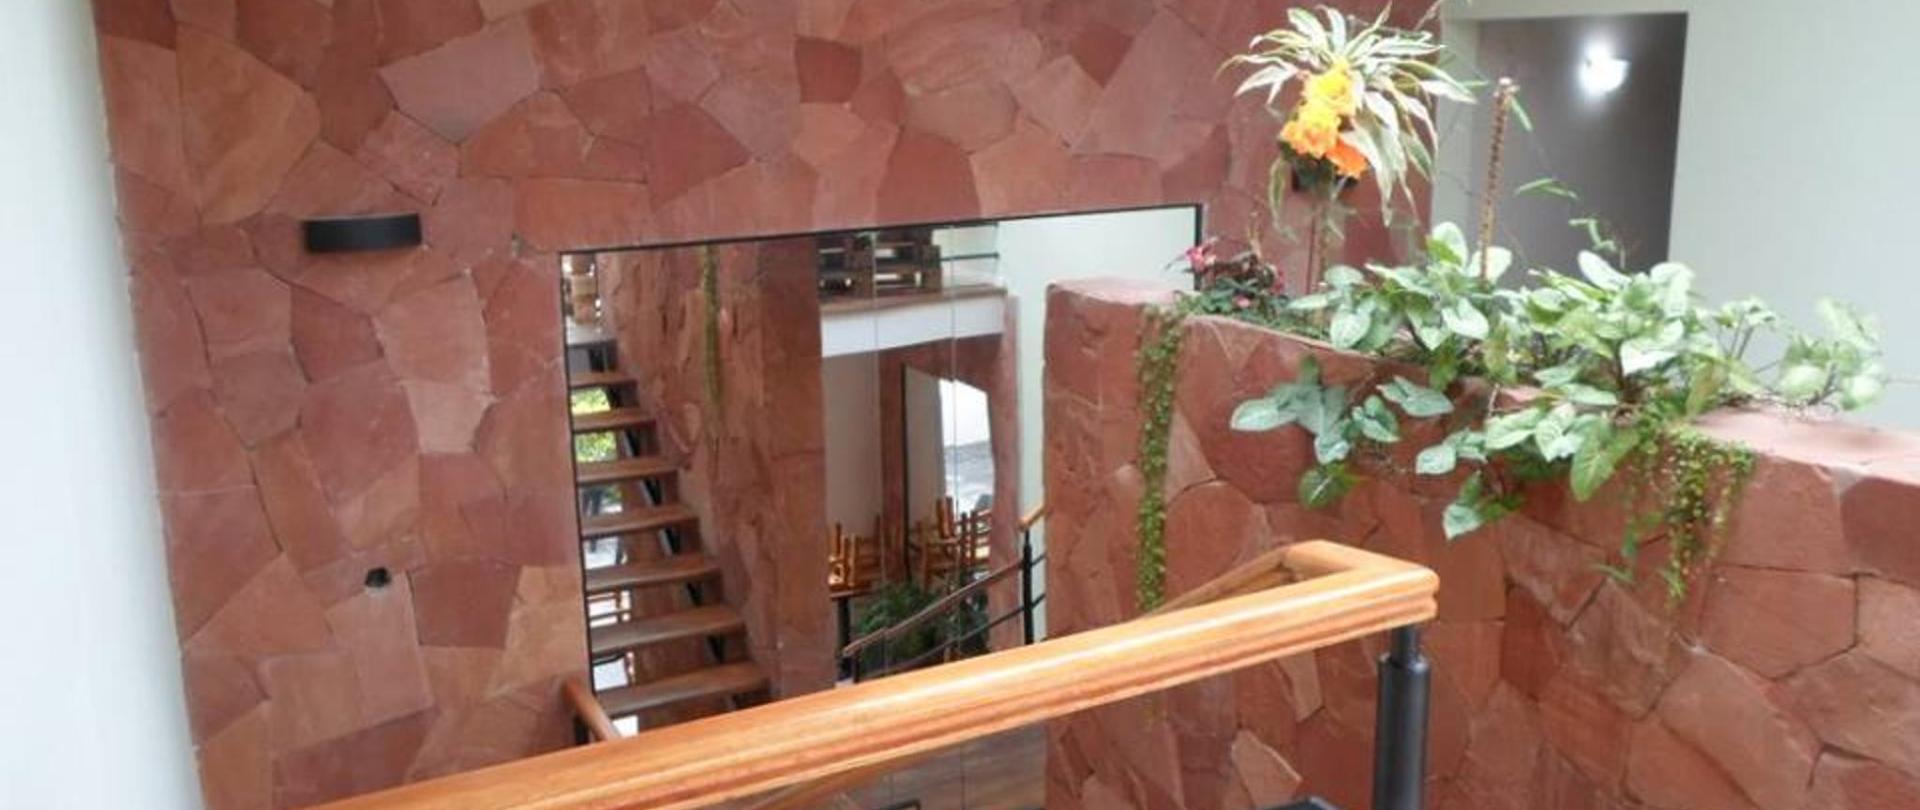 Hotel Queguay escalera.jpg